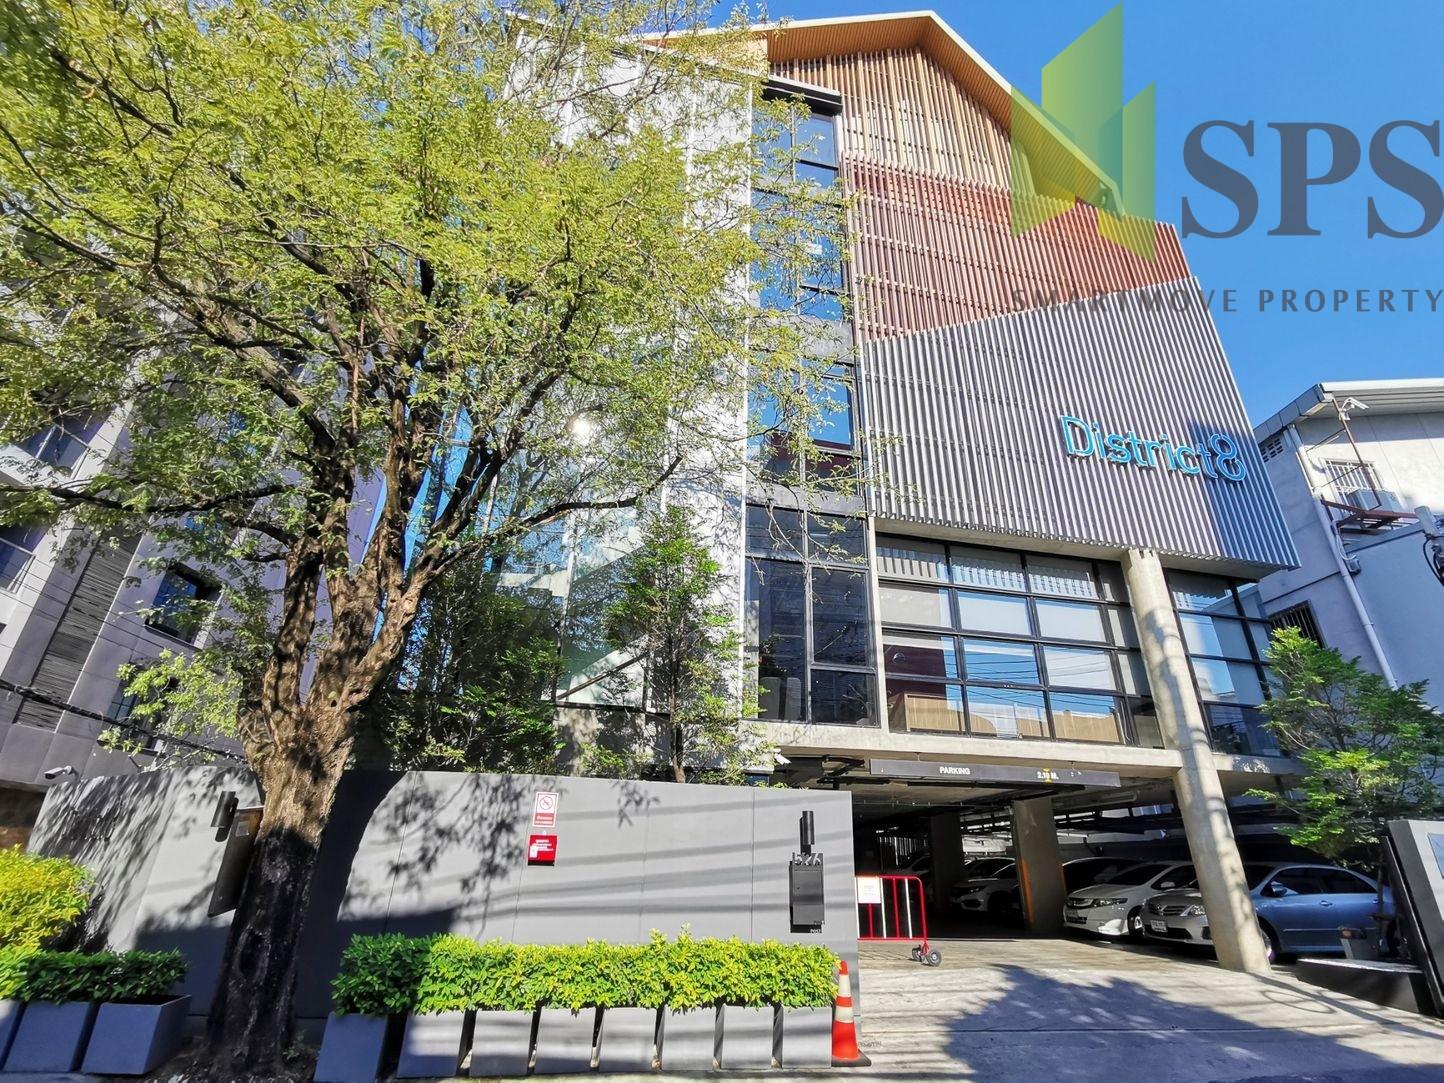 For Rent Office space พื้นที่สำนักงานให้เช่า อาคารดริสทริค8 ซอยสุขุมวิท 65 (Property ID: SPS-PA168)